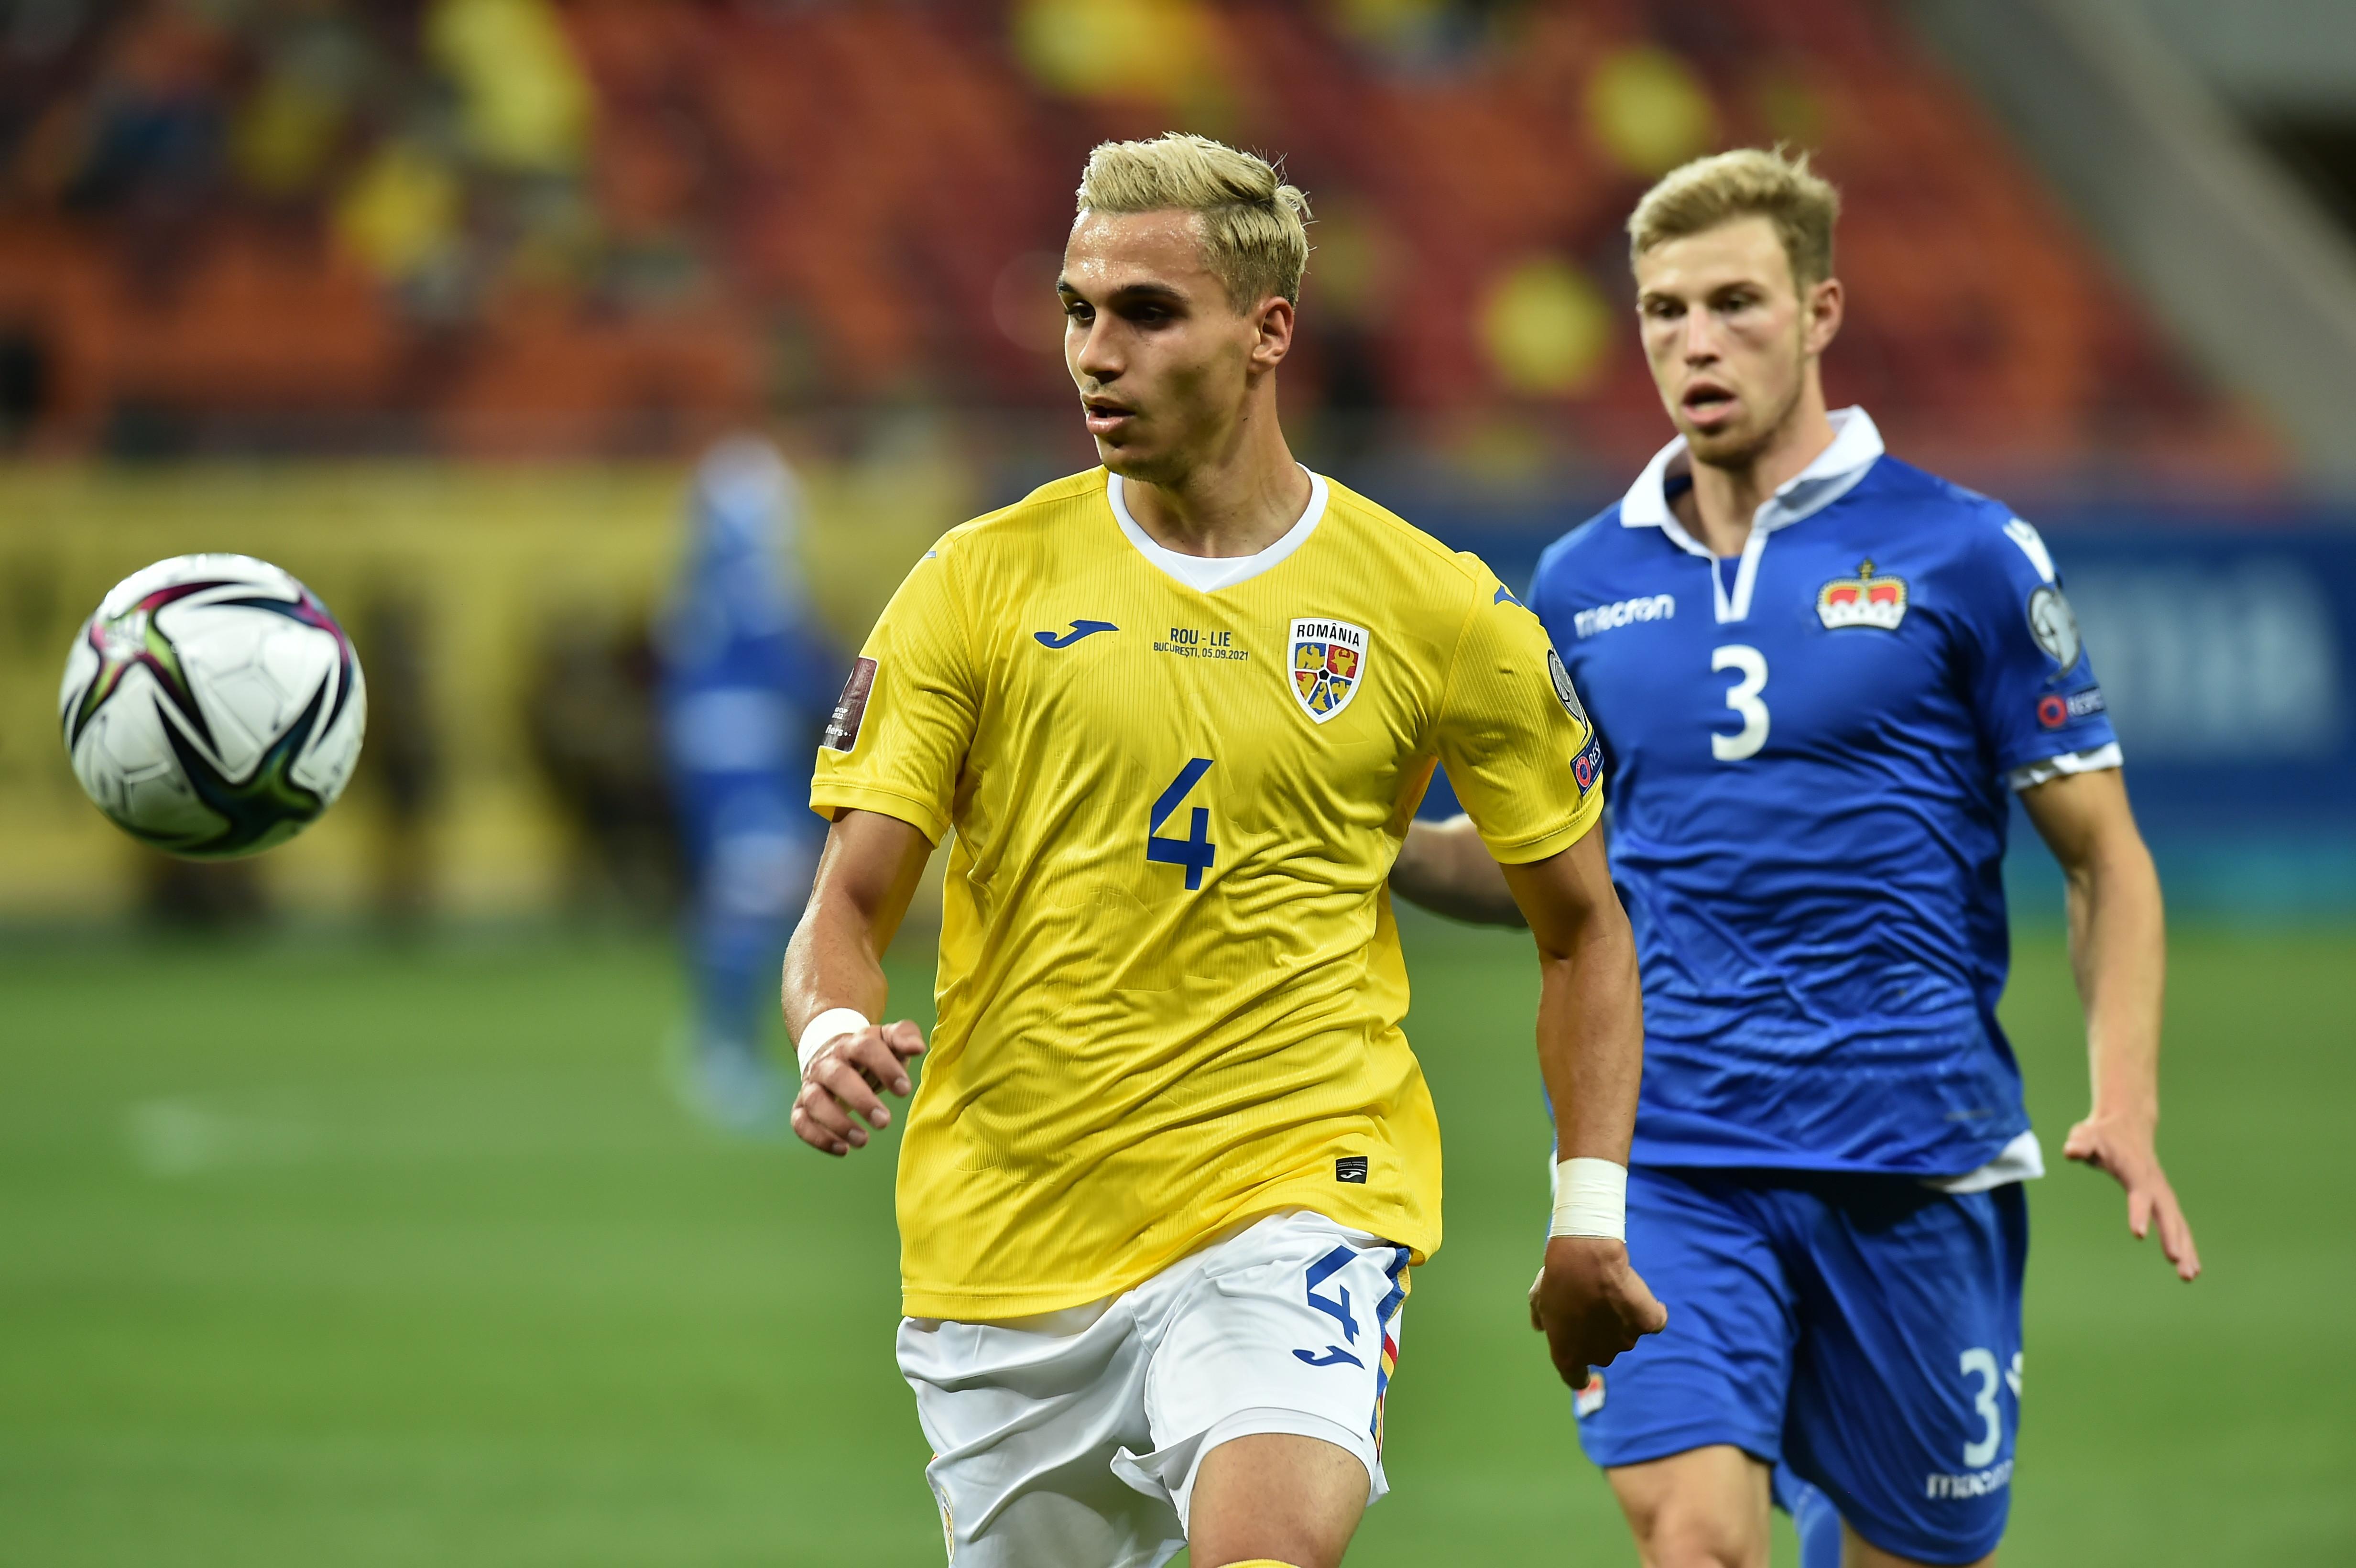 România a învins Liechtenstein cu 2-0, în preliminariile Cupei Mondiale din 2022. Am urcat pe locul trei în grupă